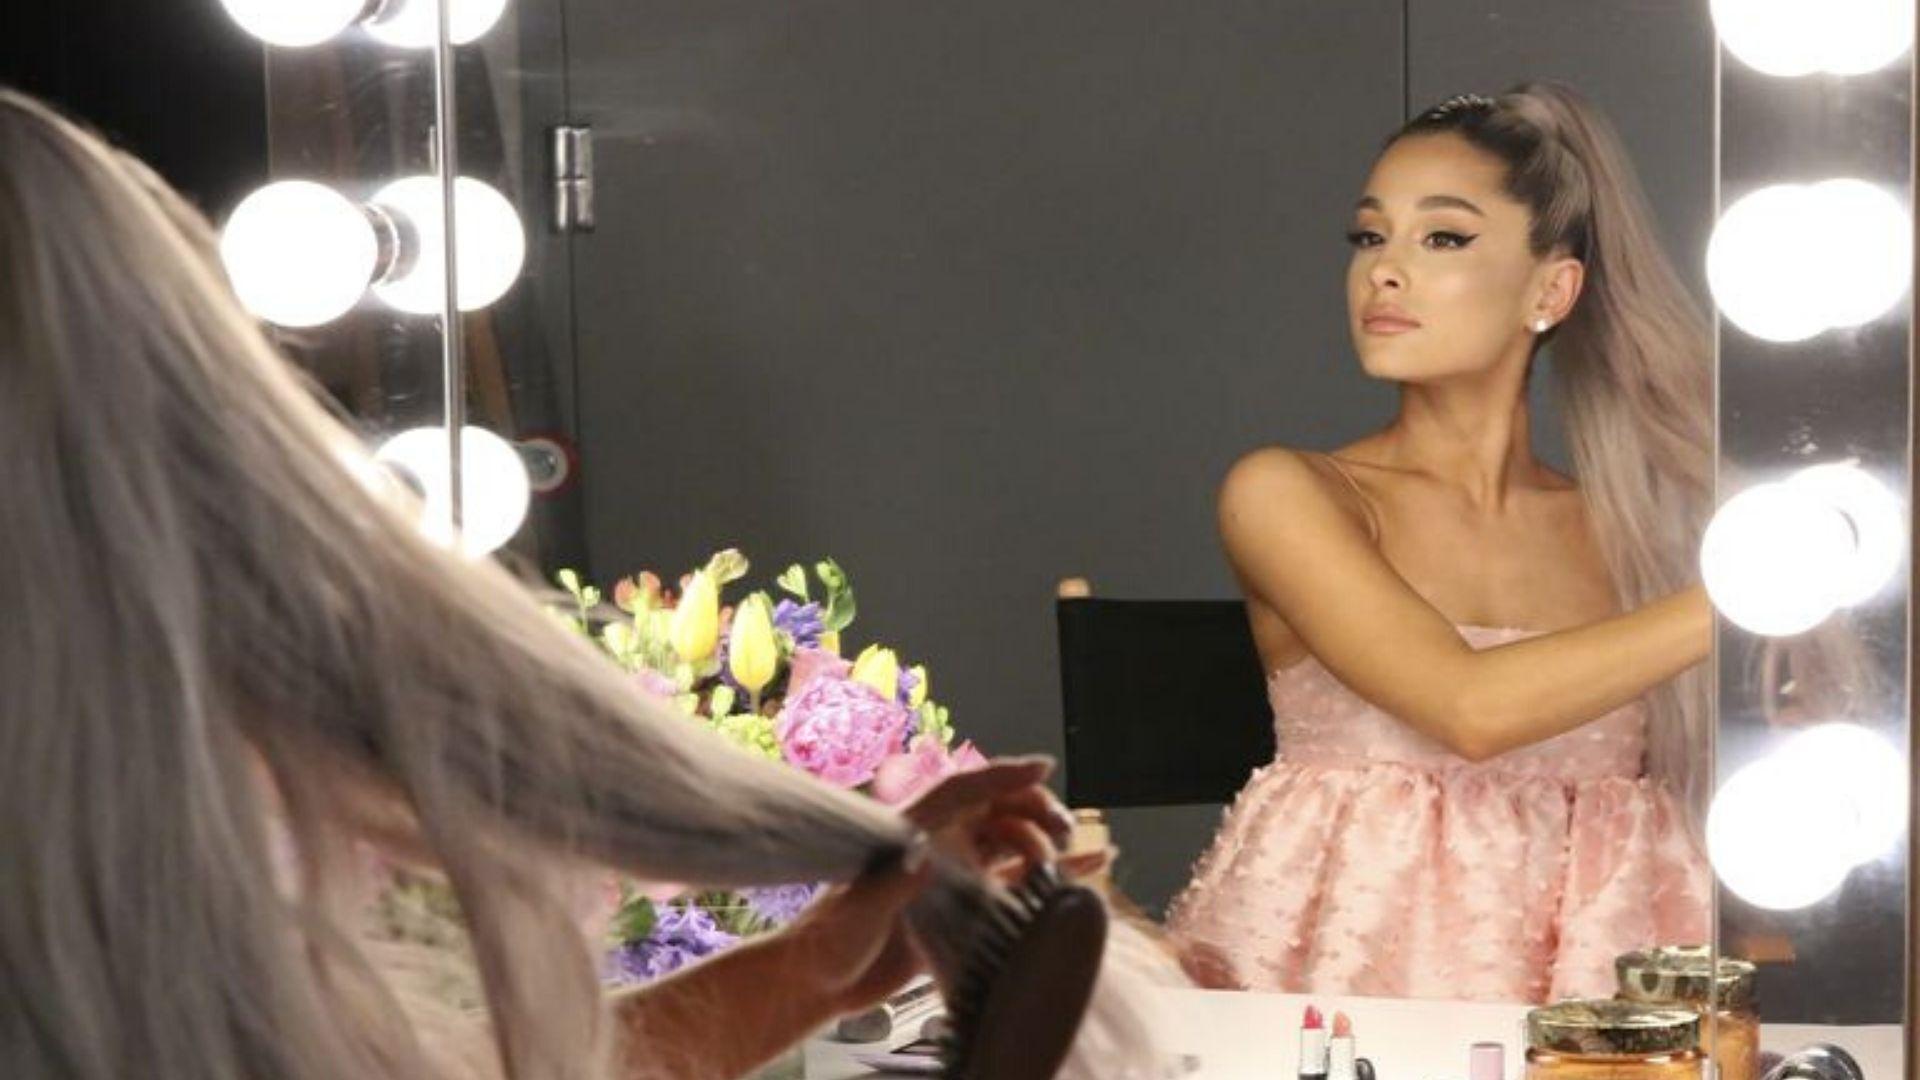 Ariana Grande Responds to Her TikTok Video Doppelgänger